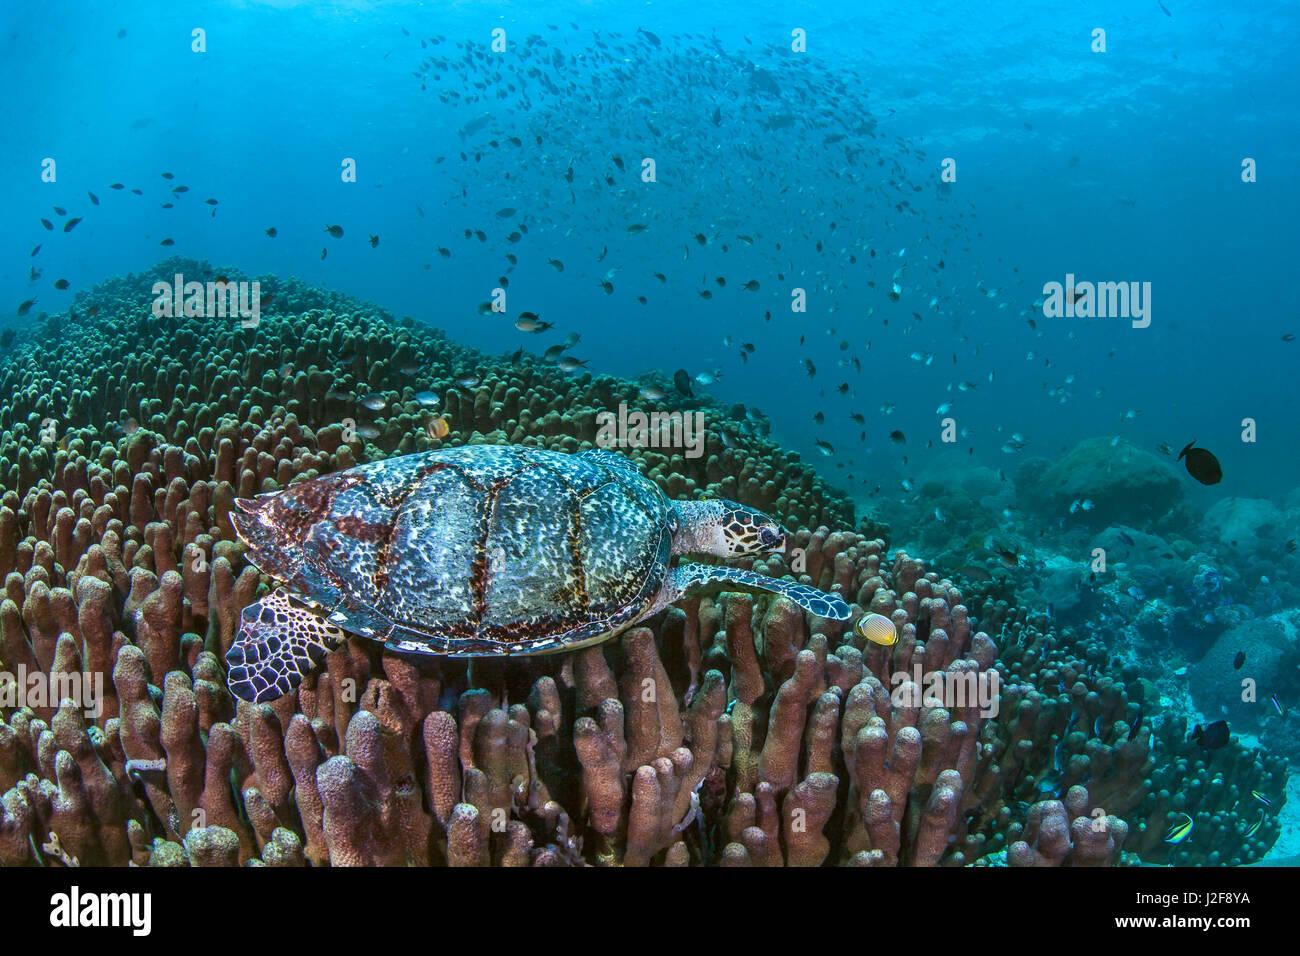 Marine sea turtle foraging among Porite hard coral pillars. Nusa Lembongan, Bali, Indonesia. - Stock Image